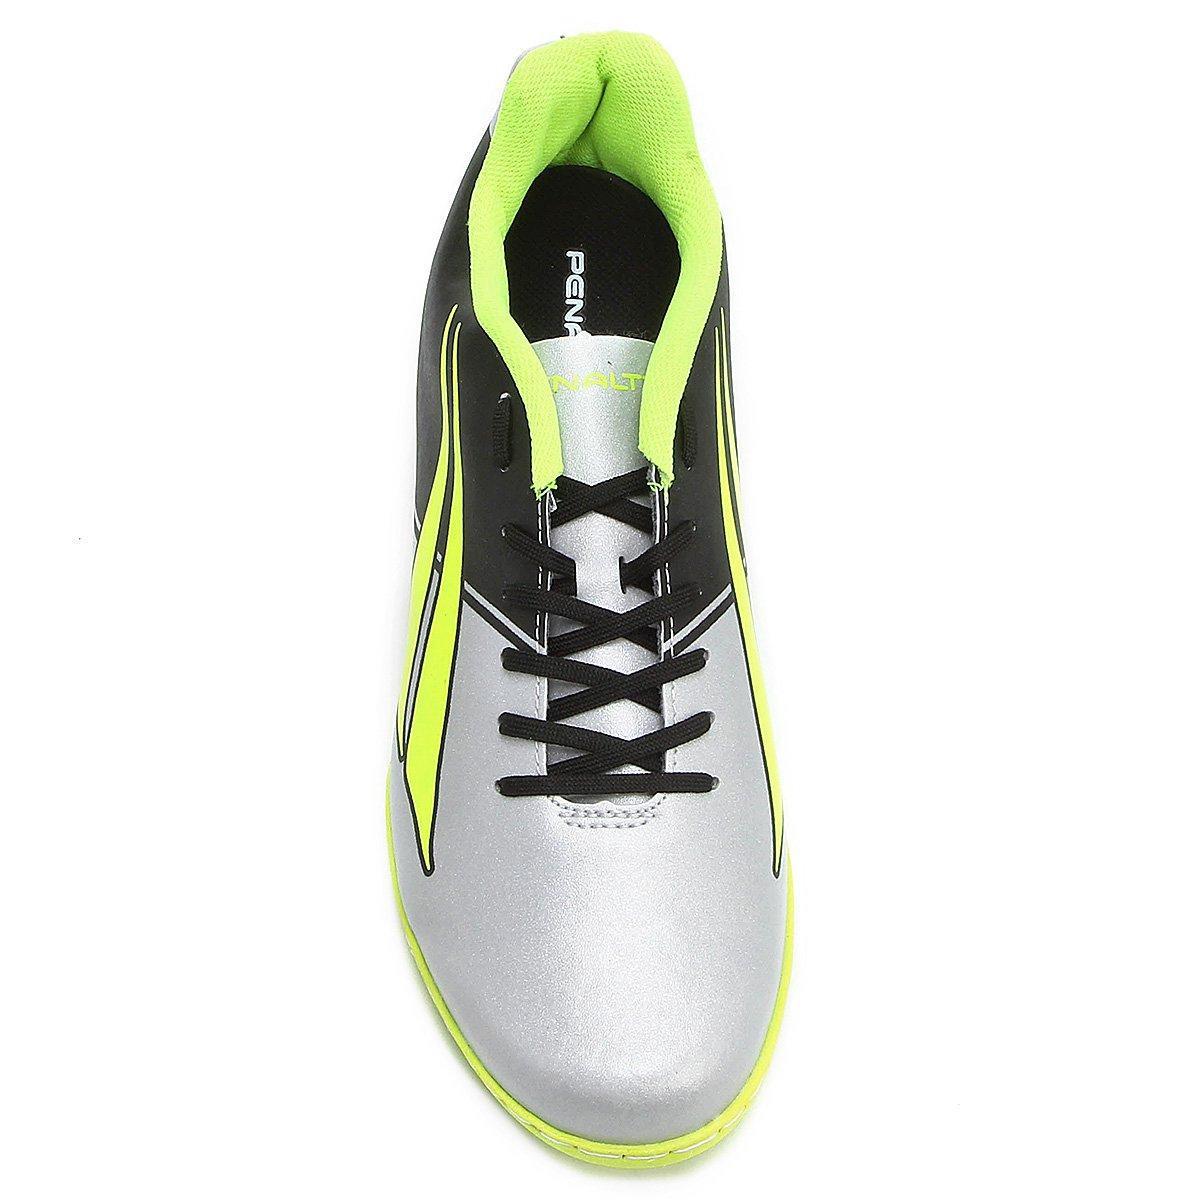 Limão Penalty Matis Futsal Chuteira Verde Masculina 7 Prata e AqfSTZwx